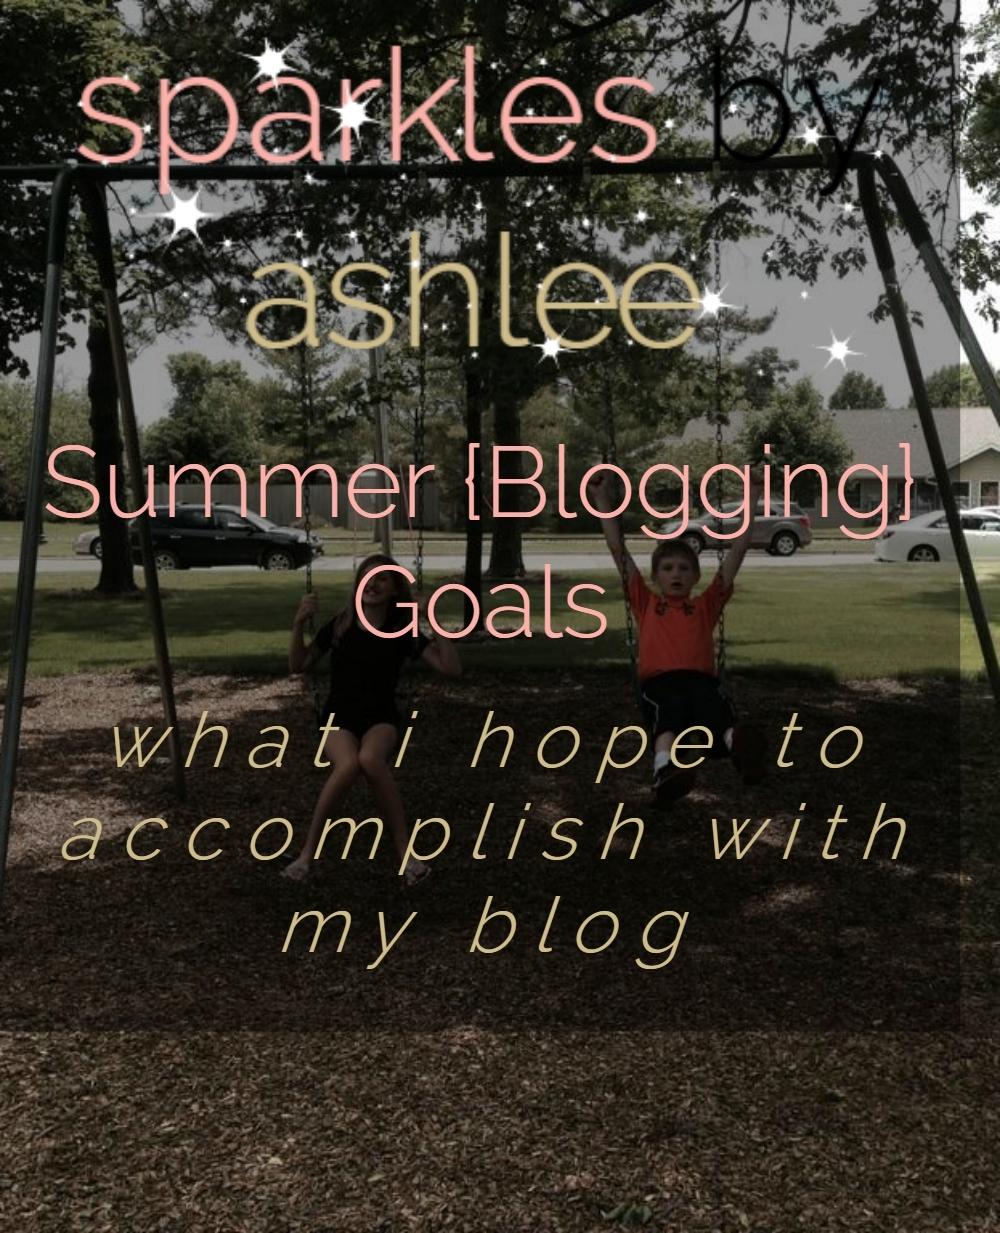 Summer-Blogging-Goals-Sparkles-by-Ashlee.jpg